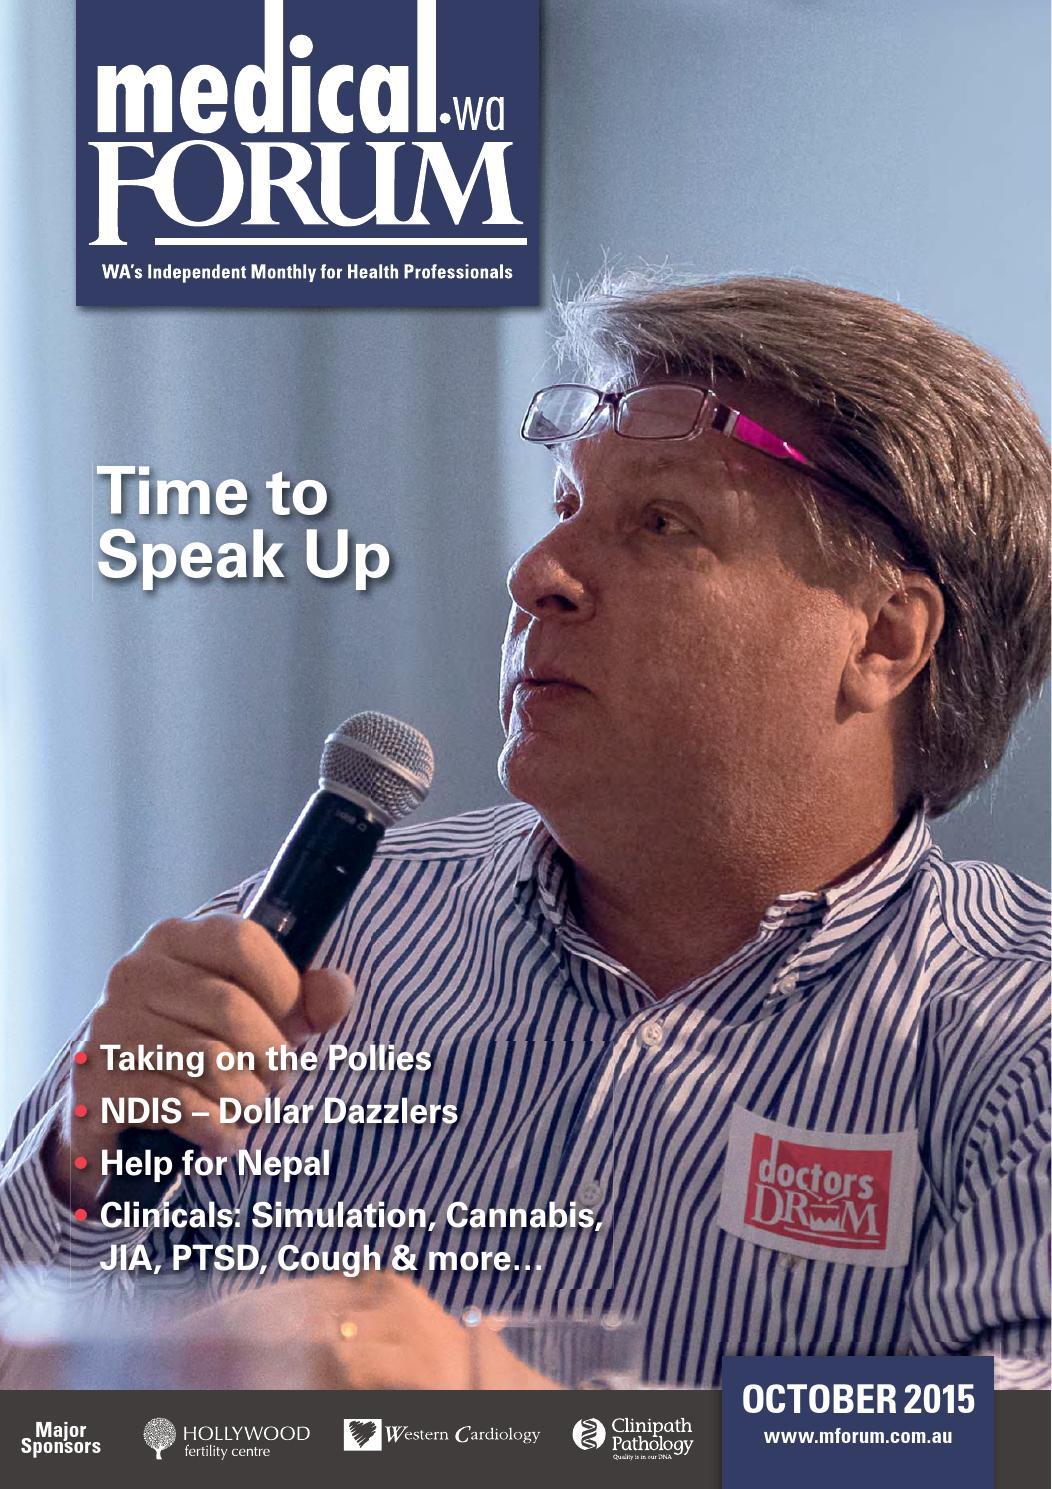 Medical Forum 10/15 Public Edition by Medical Forum WA - issuu